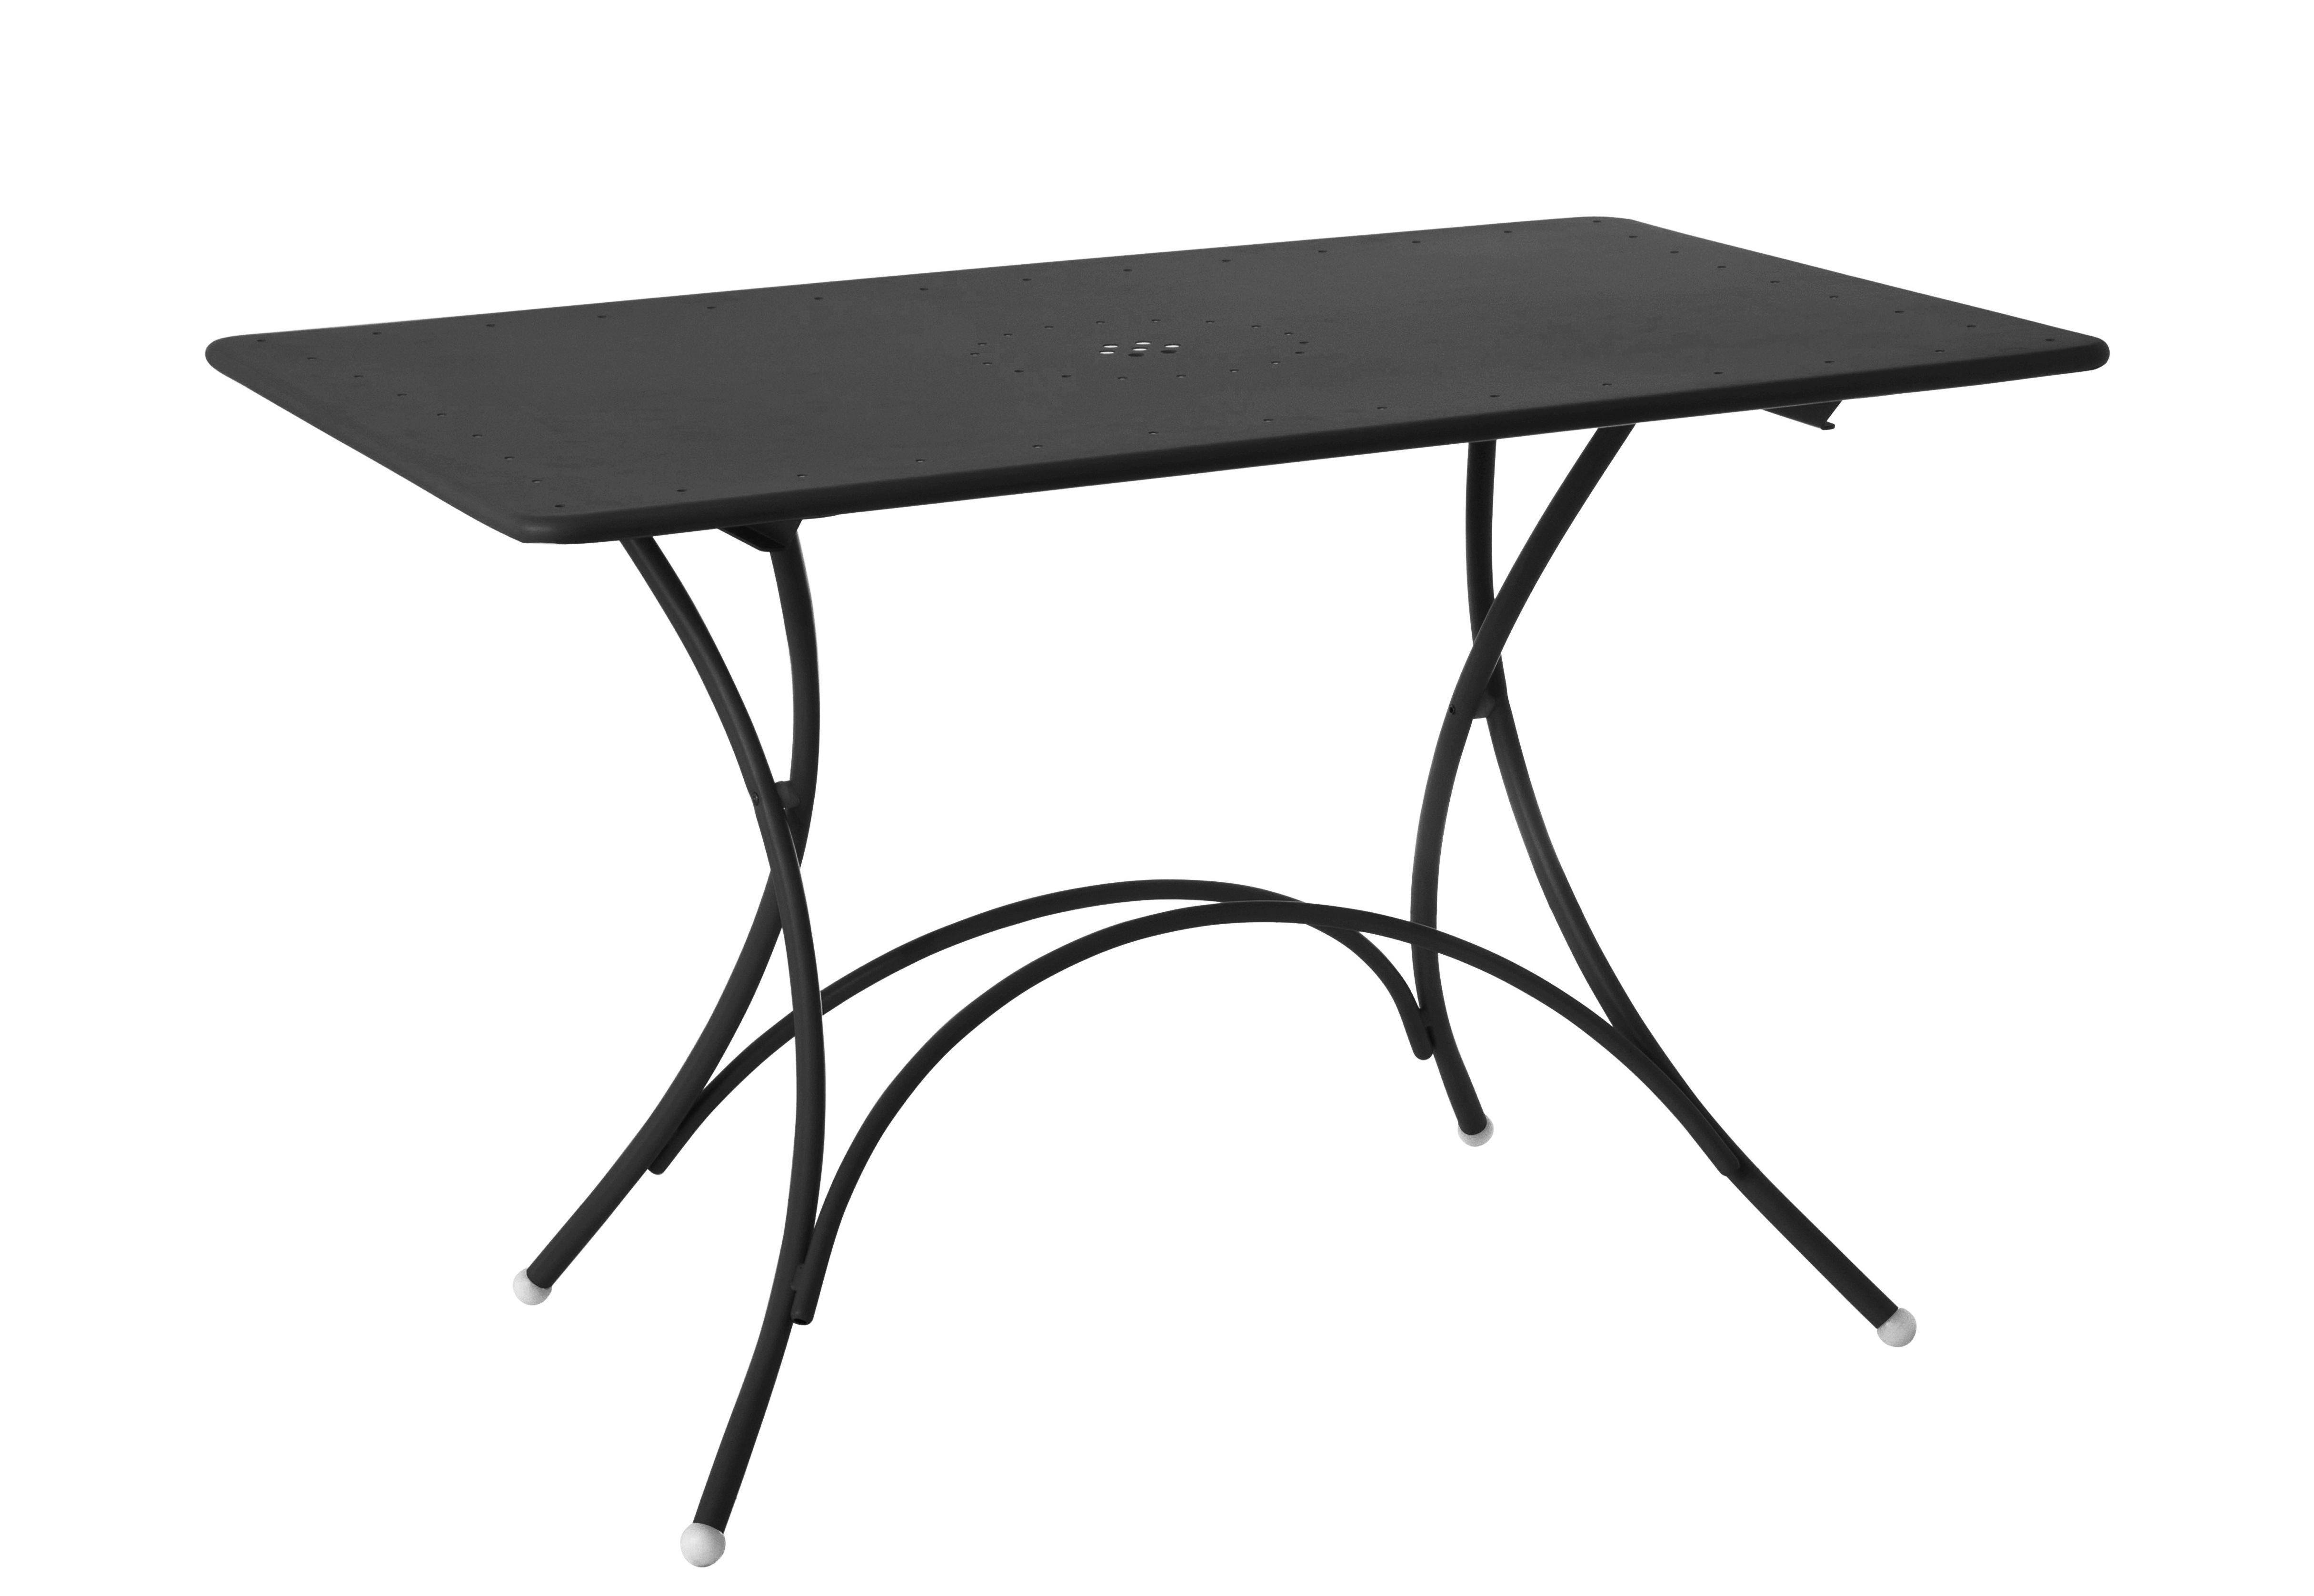 Outdoor - Tavoli  - Tavolo pieghevole Pigalle - / Metallo - 120 x 76 cm di Emu - Ferro vecchio - Acciaio verniciato